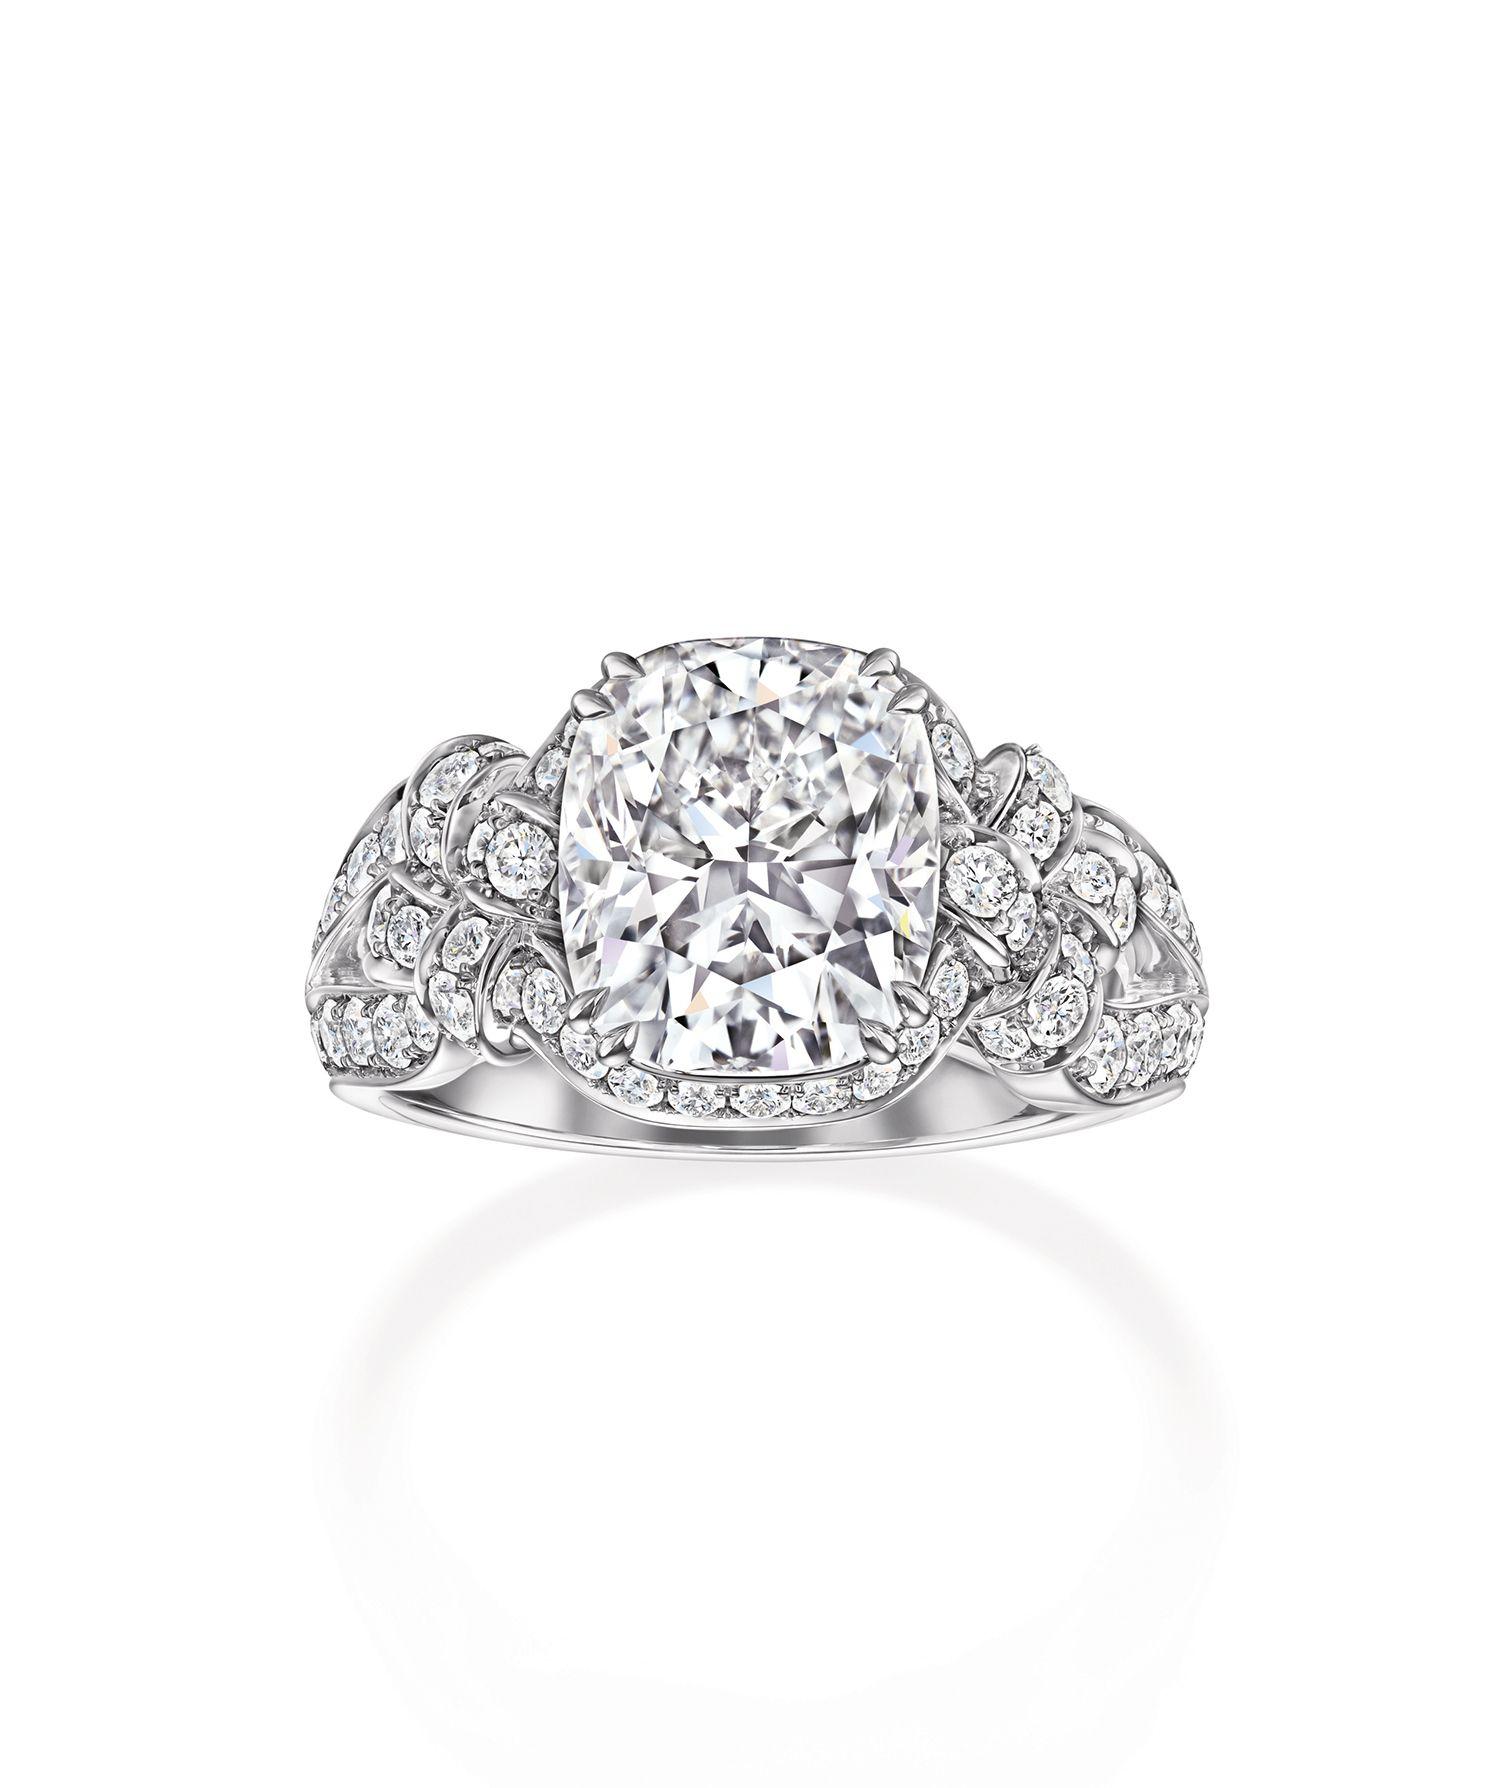 訂製系列枕型切工鑽石訂製戒指。